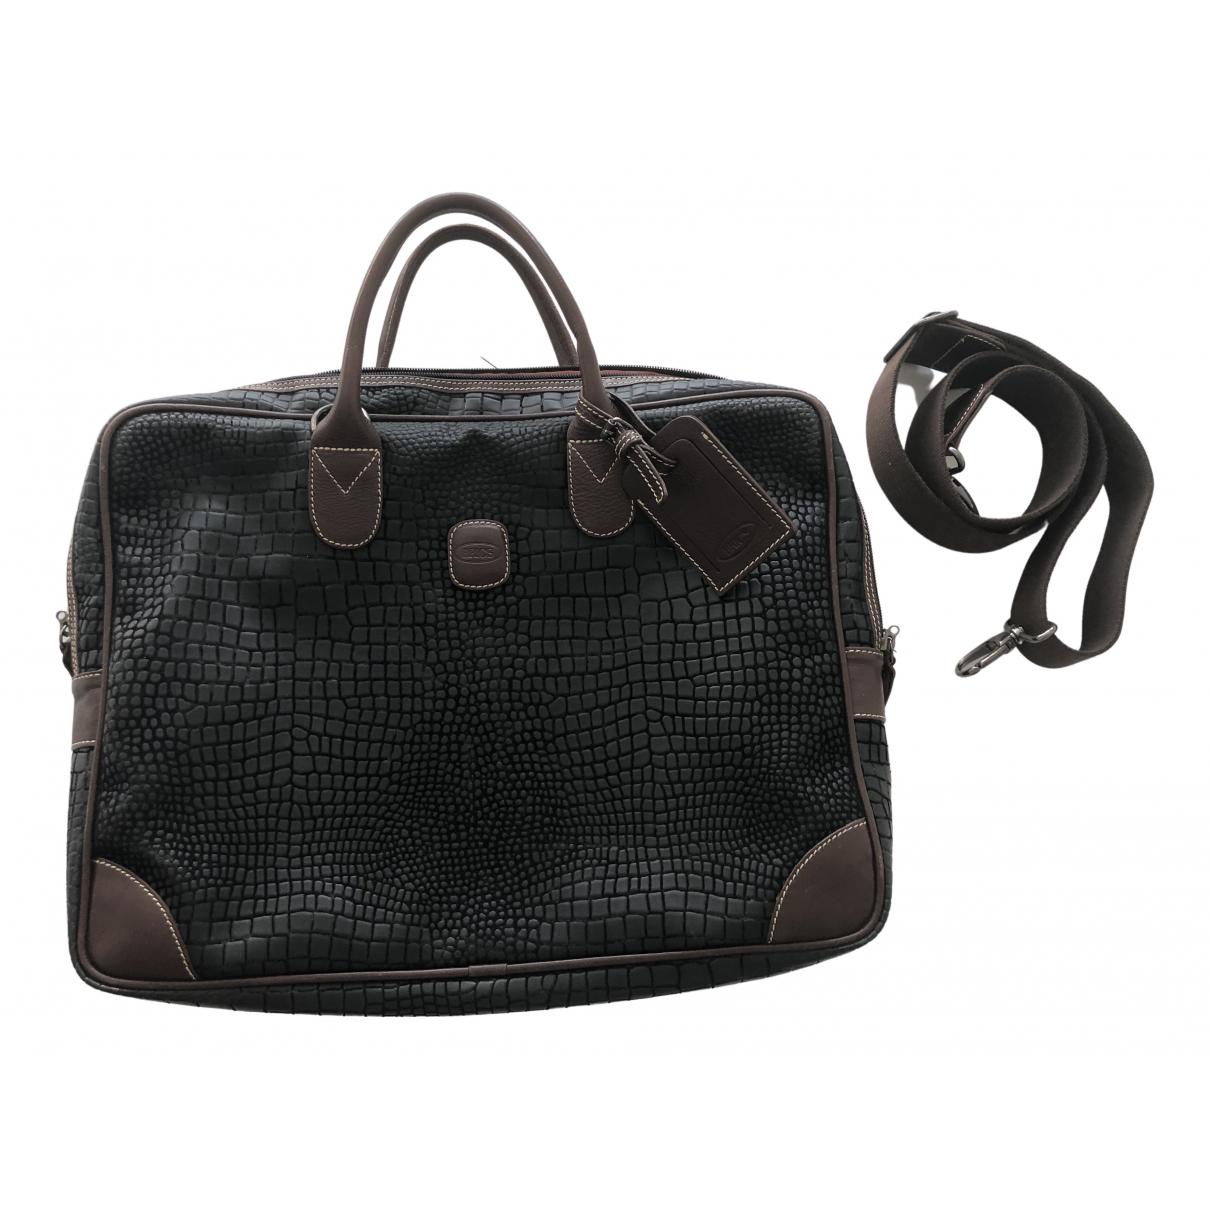 Brics - Sac de voyage   pour femme en cuir - noir